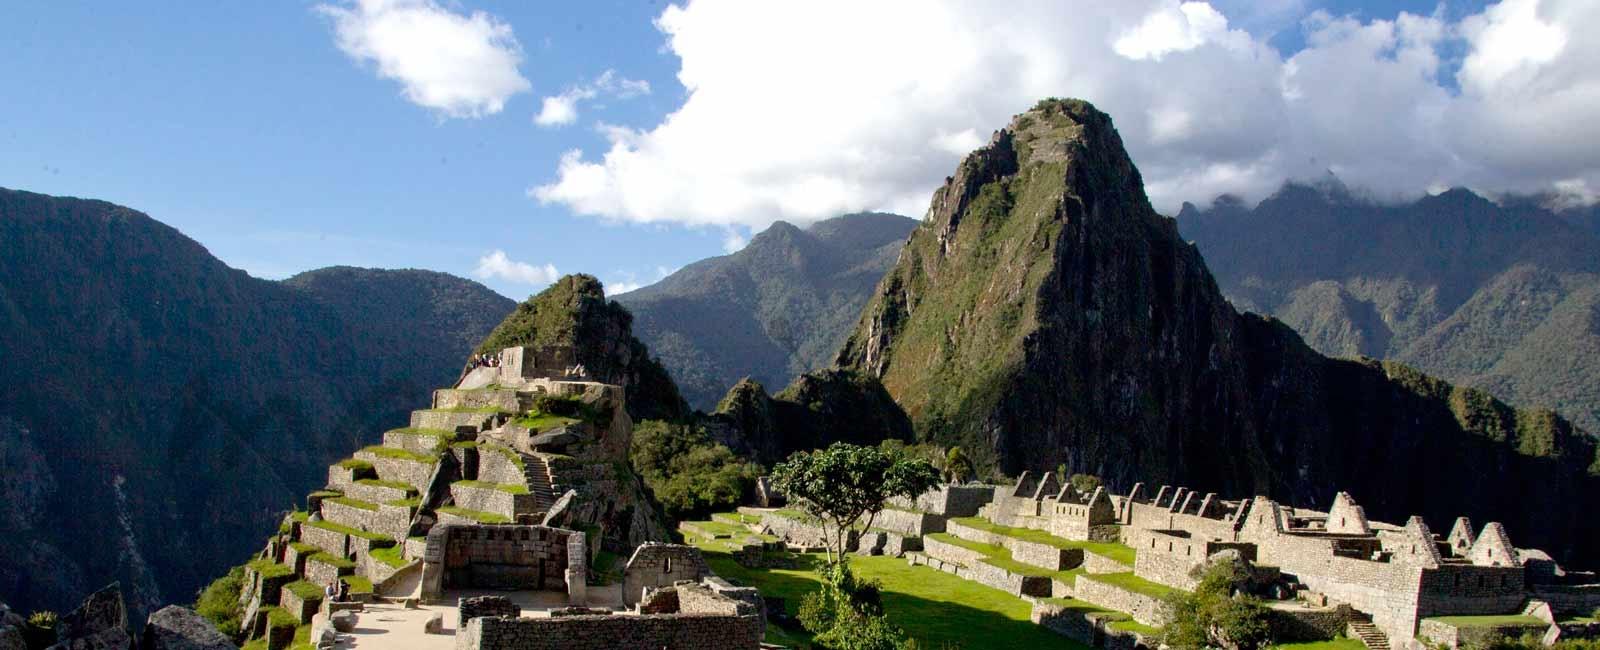 Machu Picchu y la Amazonía… Destinos imprescindibles